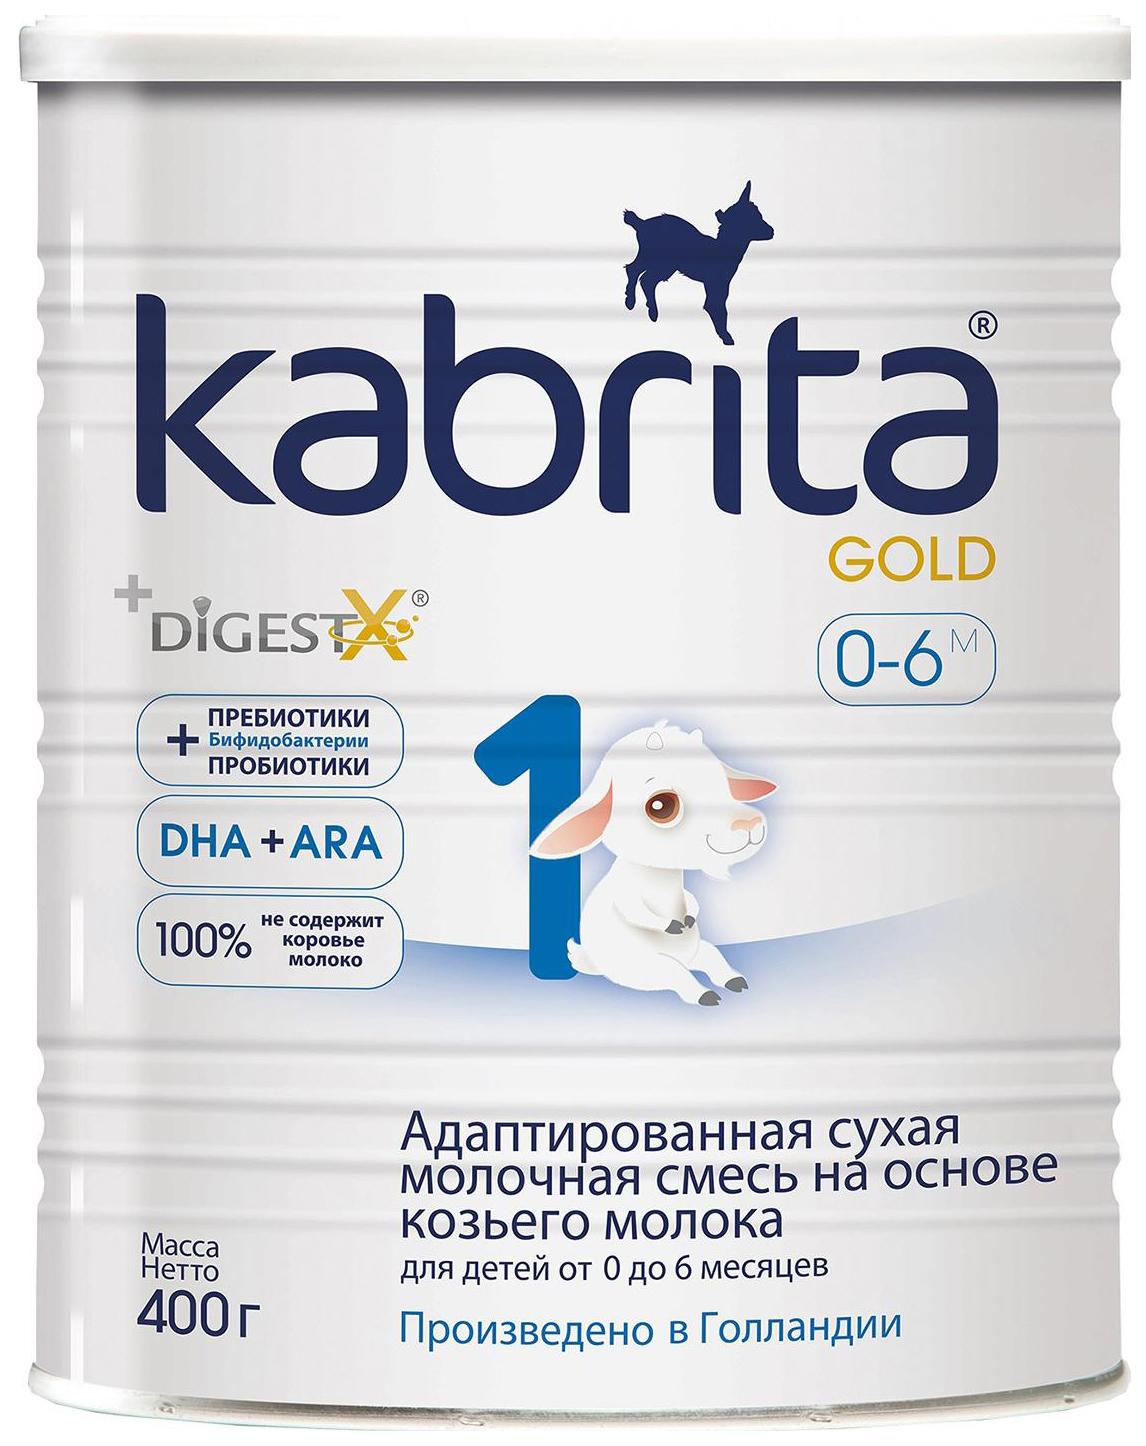 Смесь на козьем молоке Kabrita Gold